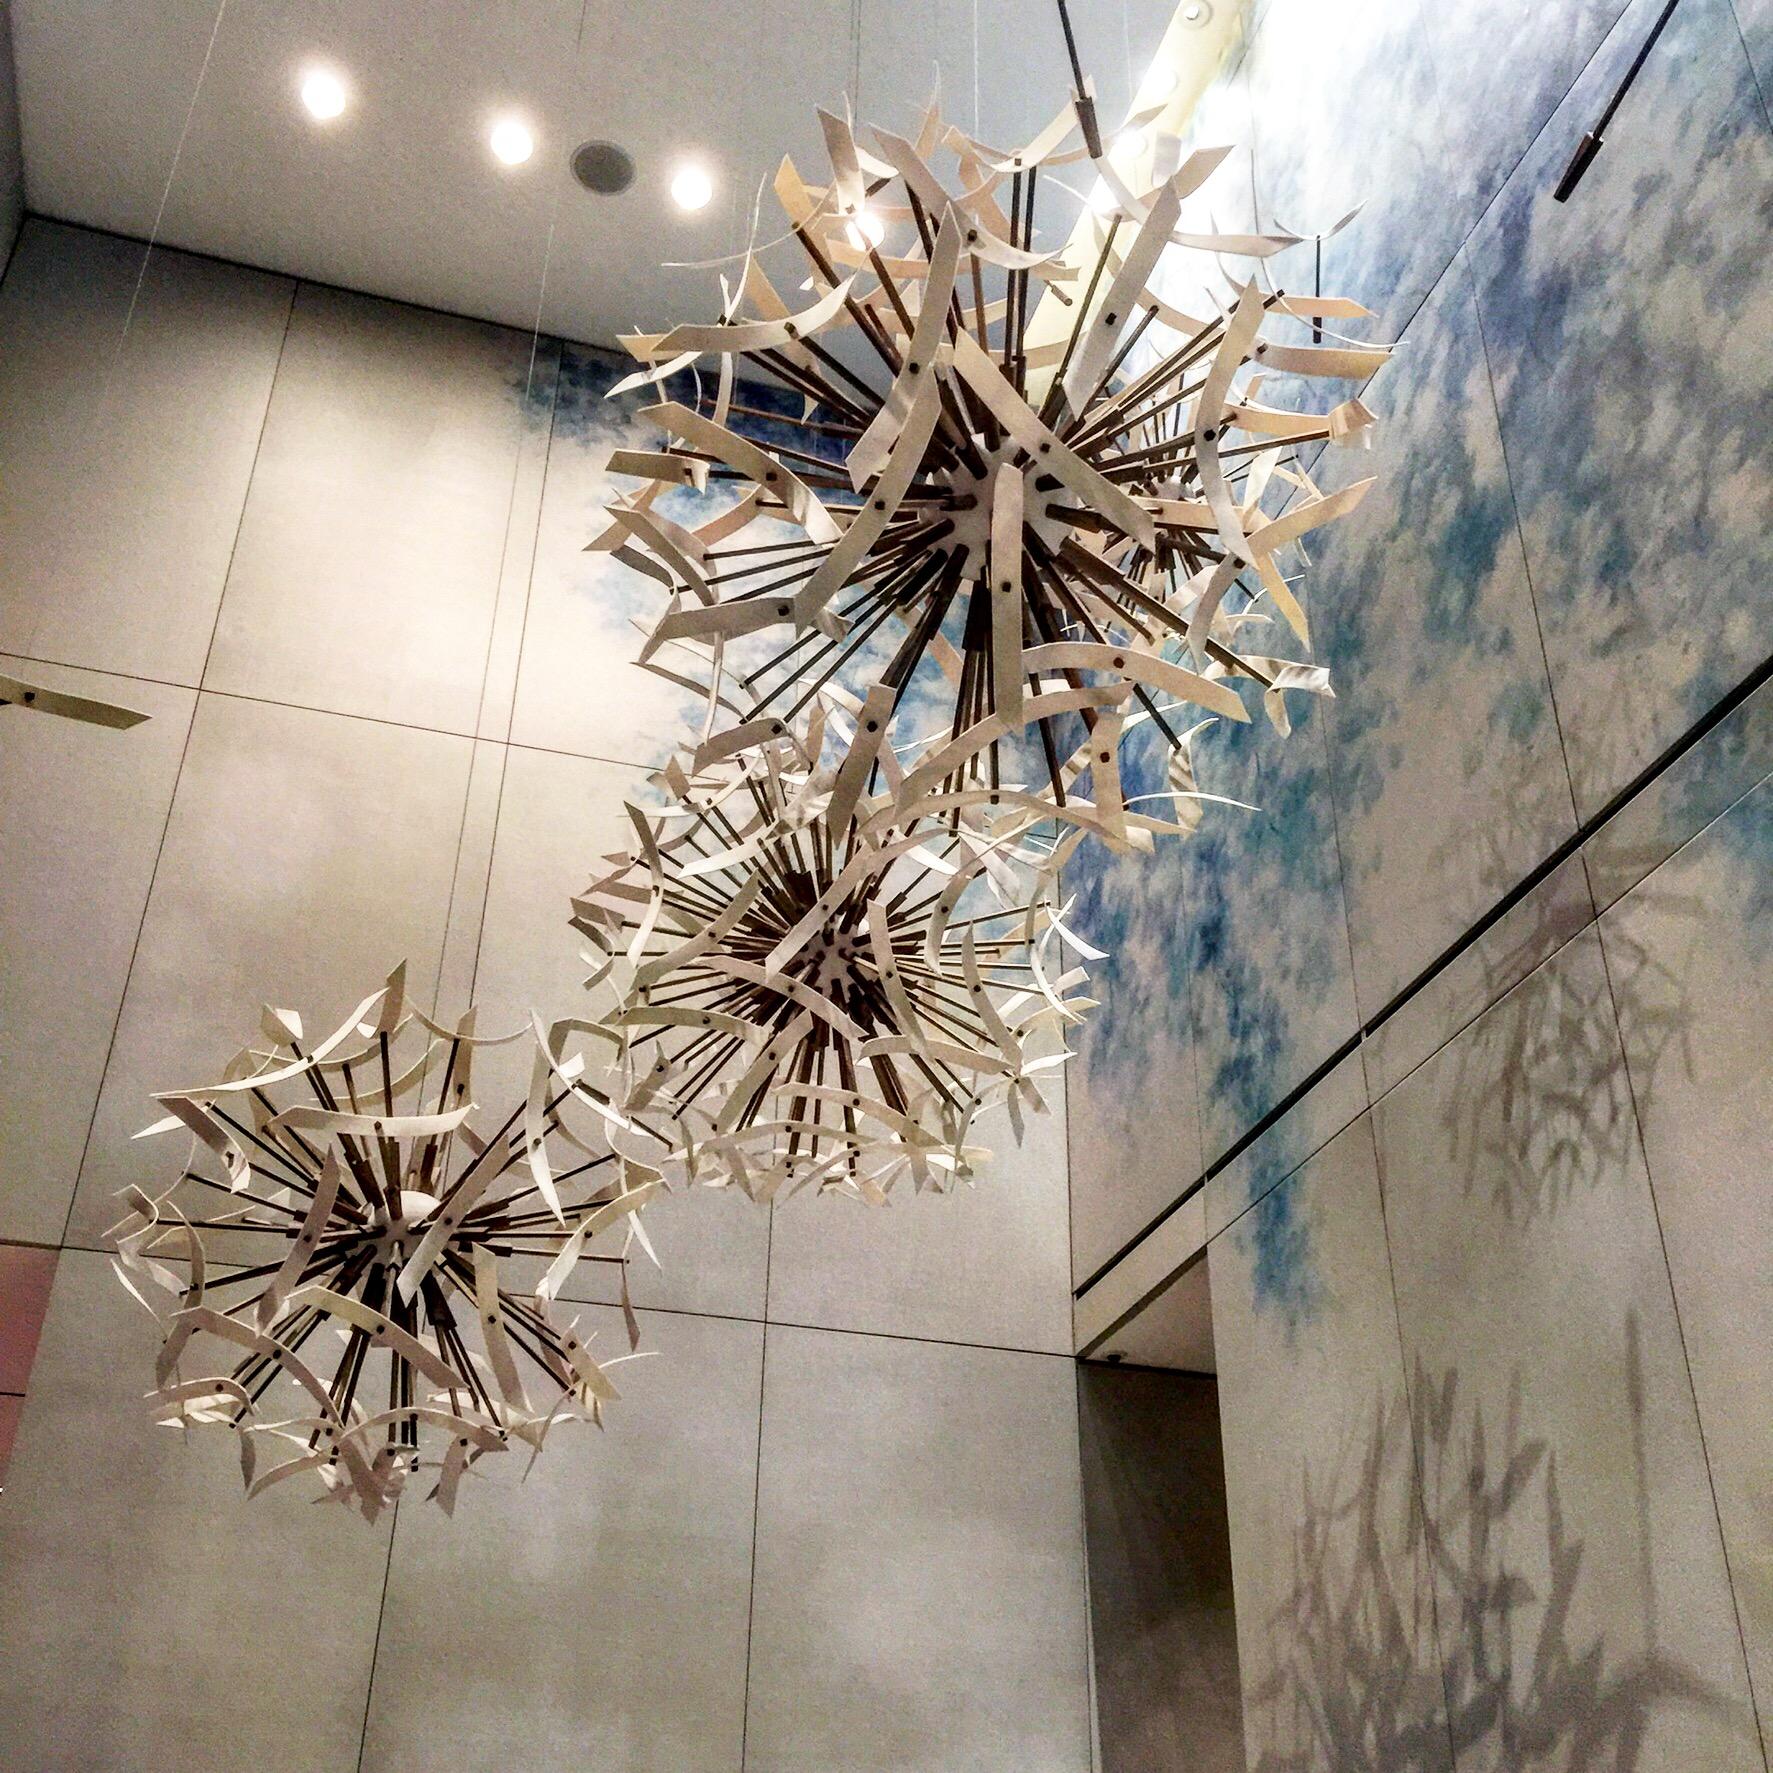 Lobby at Four Seasons, Toronto